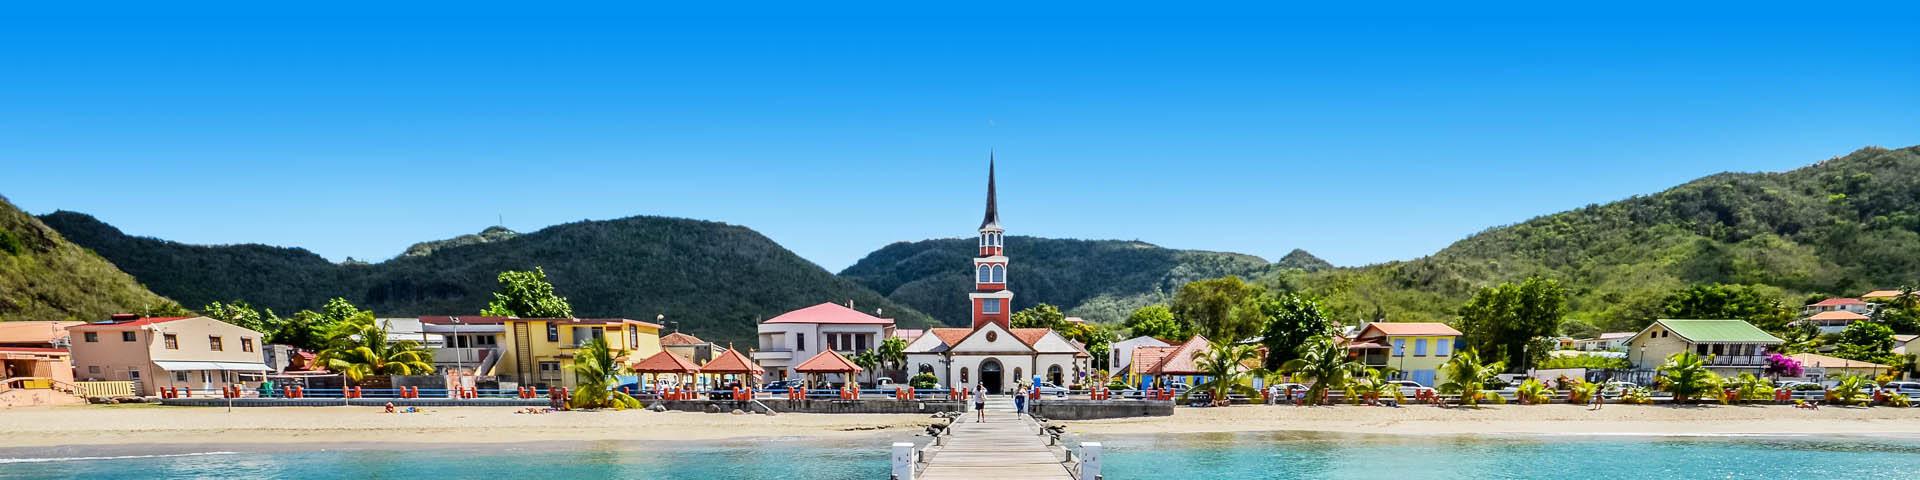 Een stadje aan zee met wit kerkje en groene bergen in Frankrijk